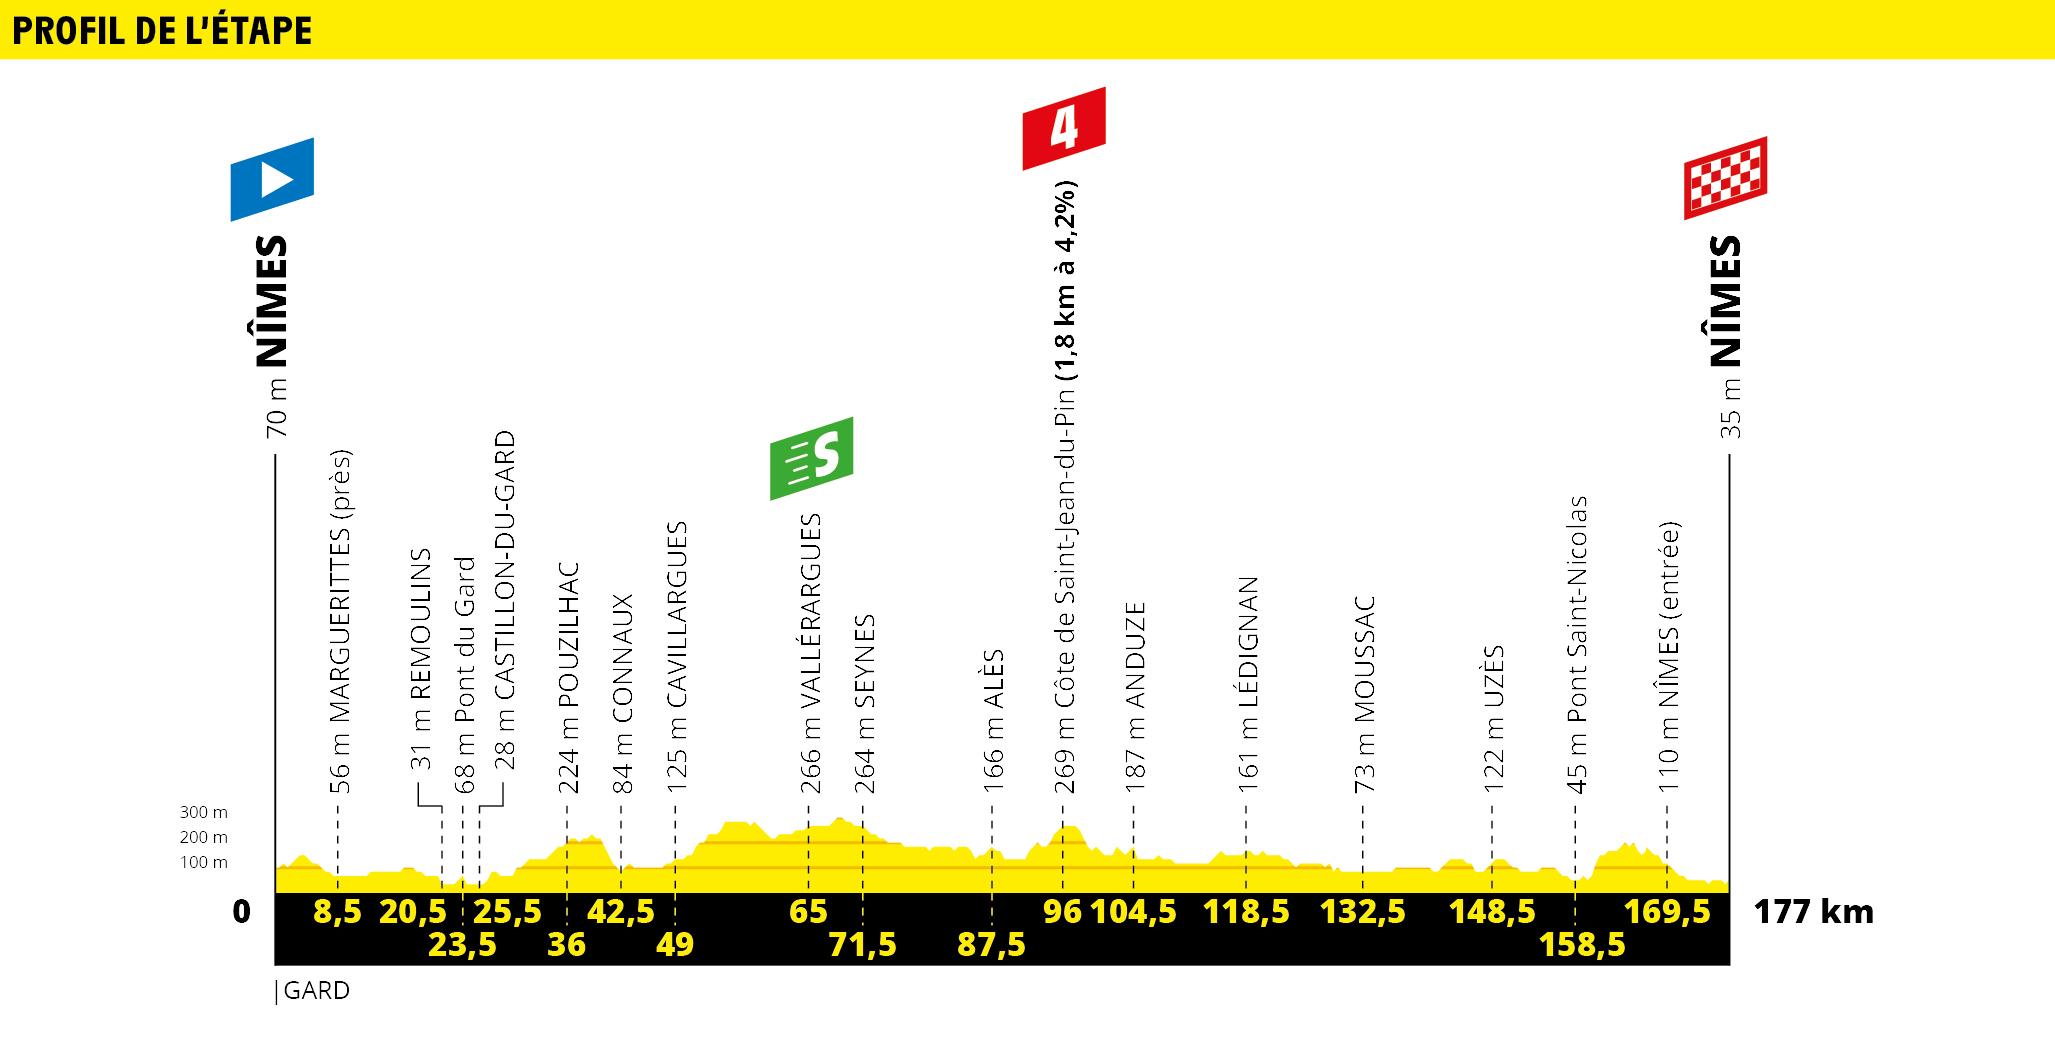 Tour de france 2019 stage profile